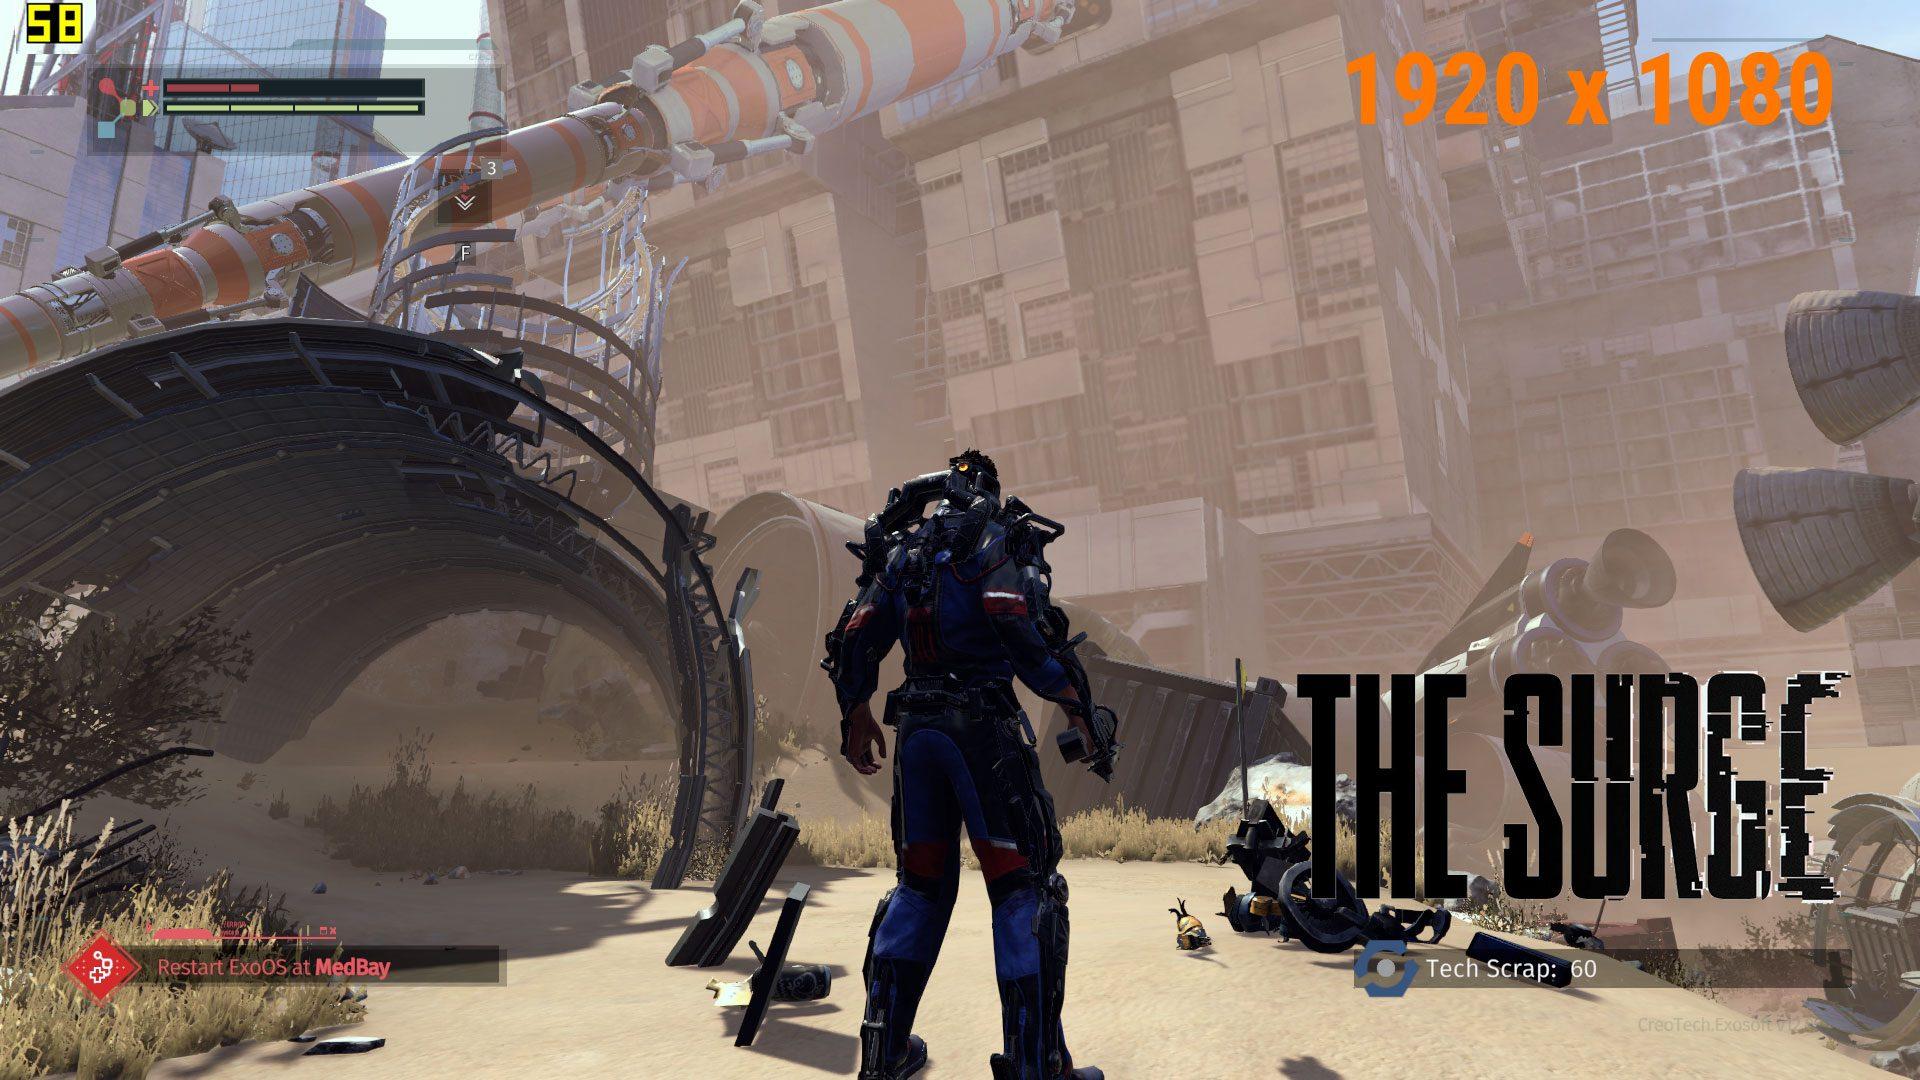 Schenker-XMG-A707-nyd_Games-8